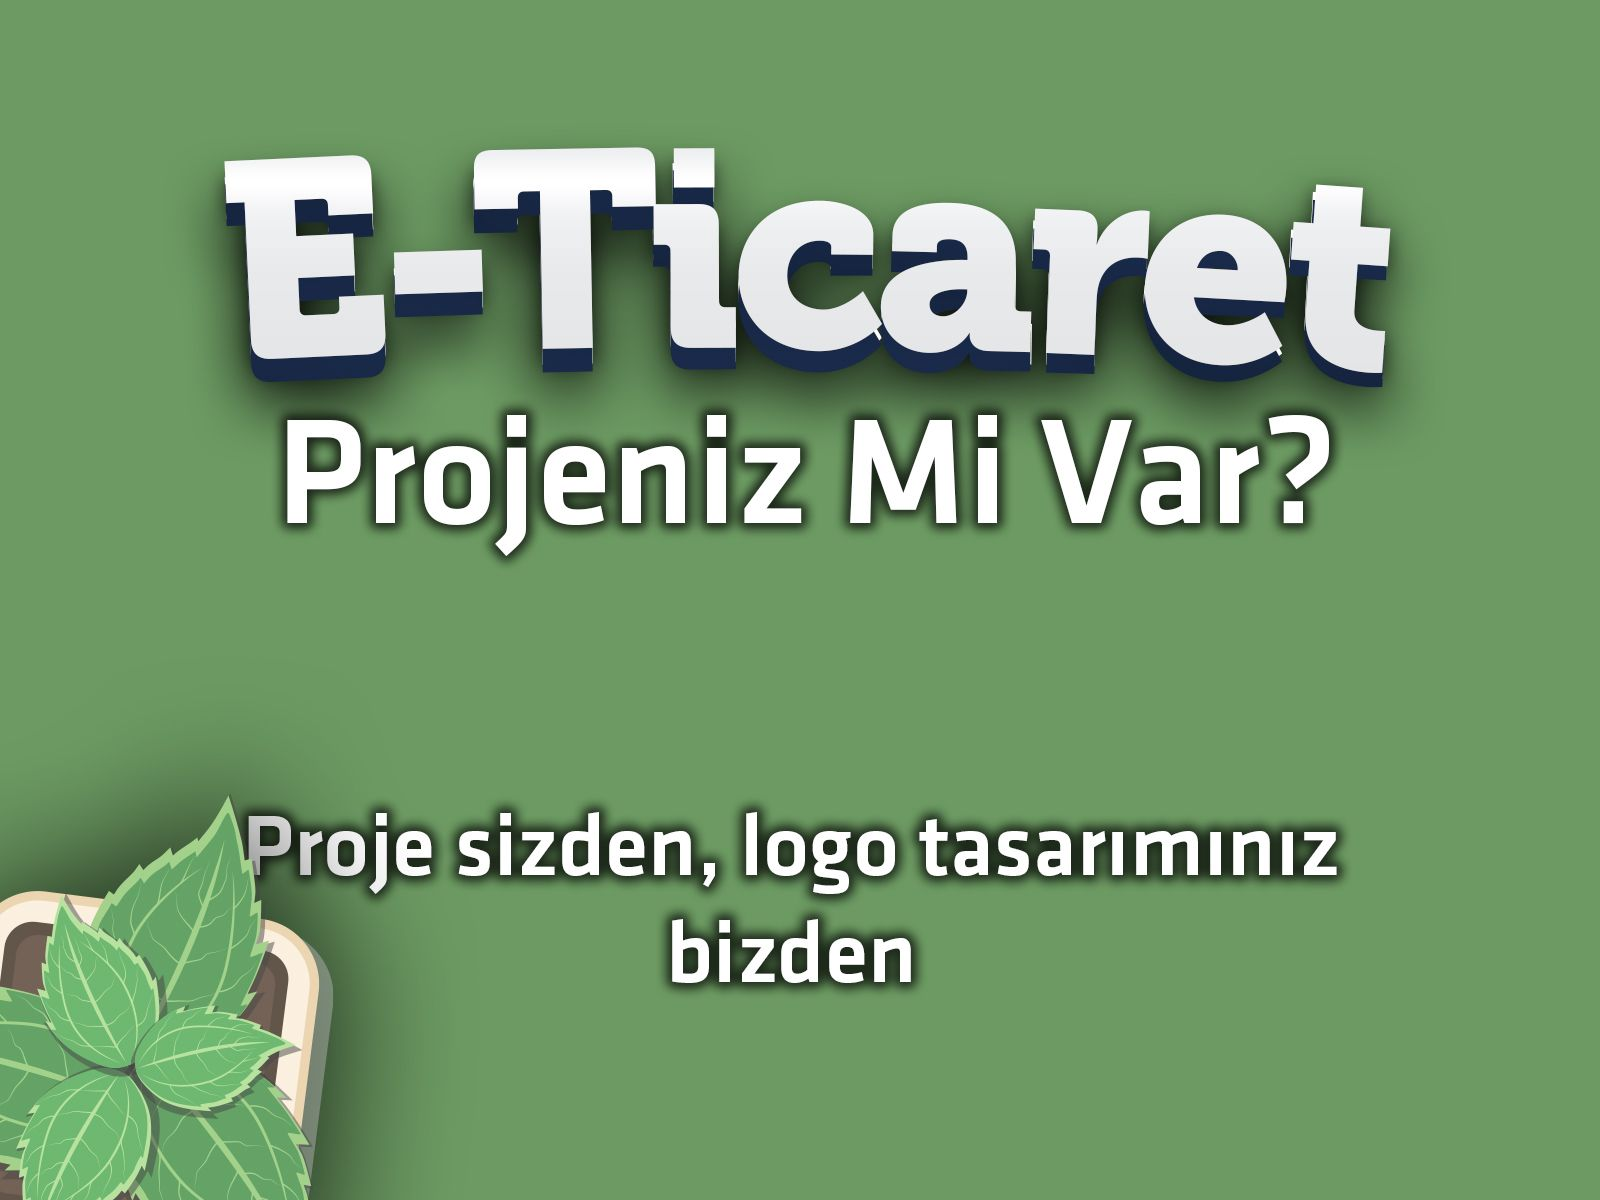 E-Ticaret Logo Tasarımı - Eticaret Logo Tasarımları